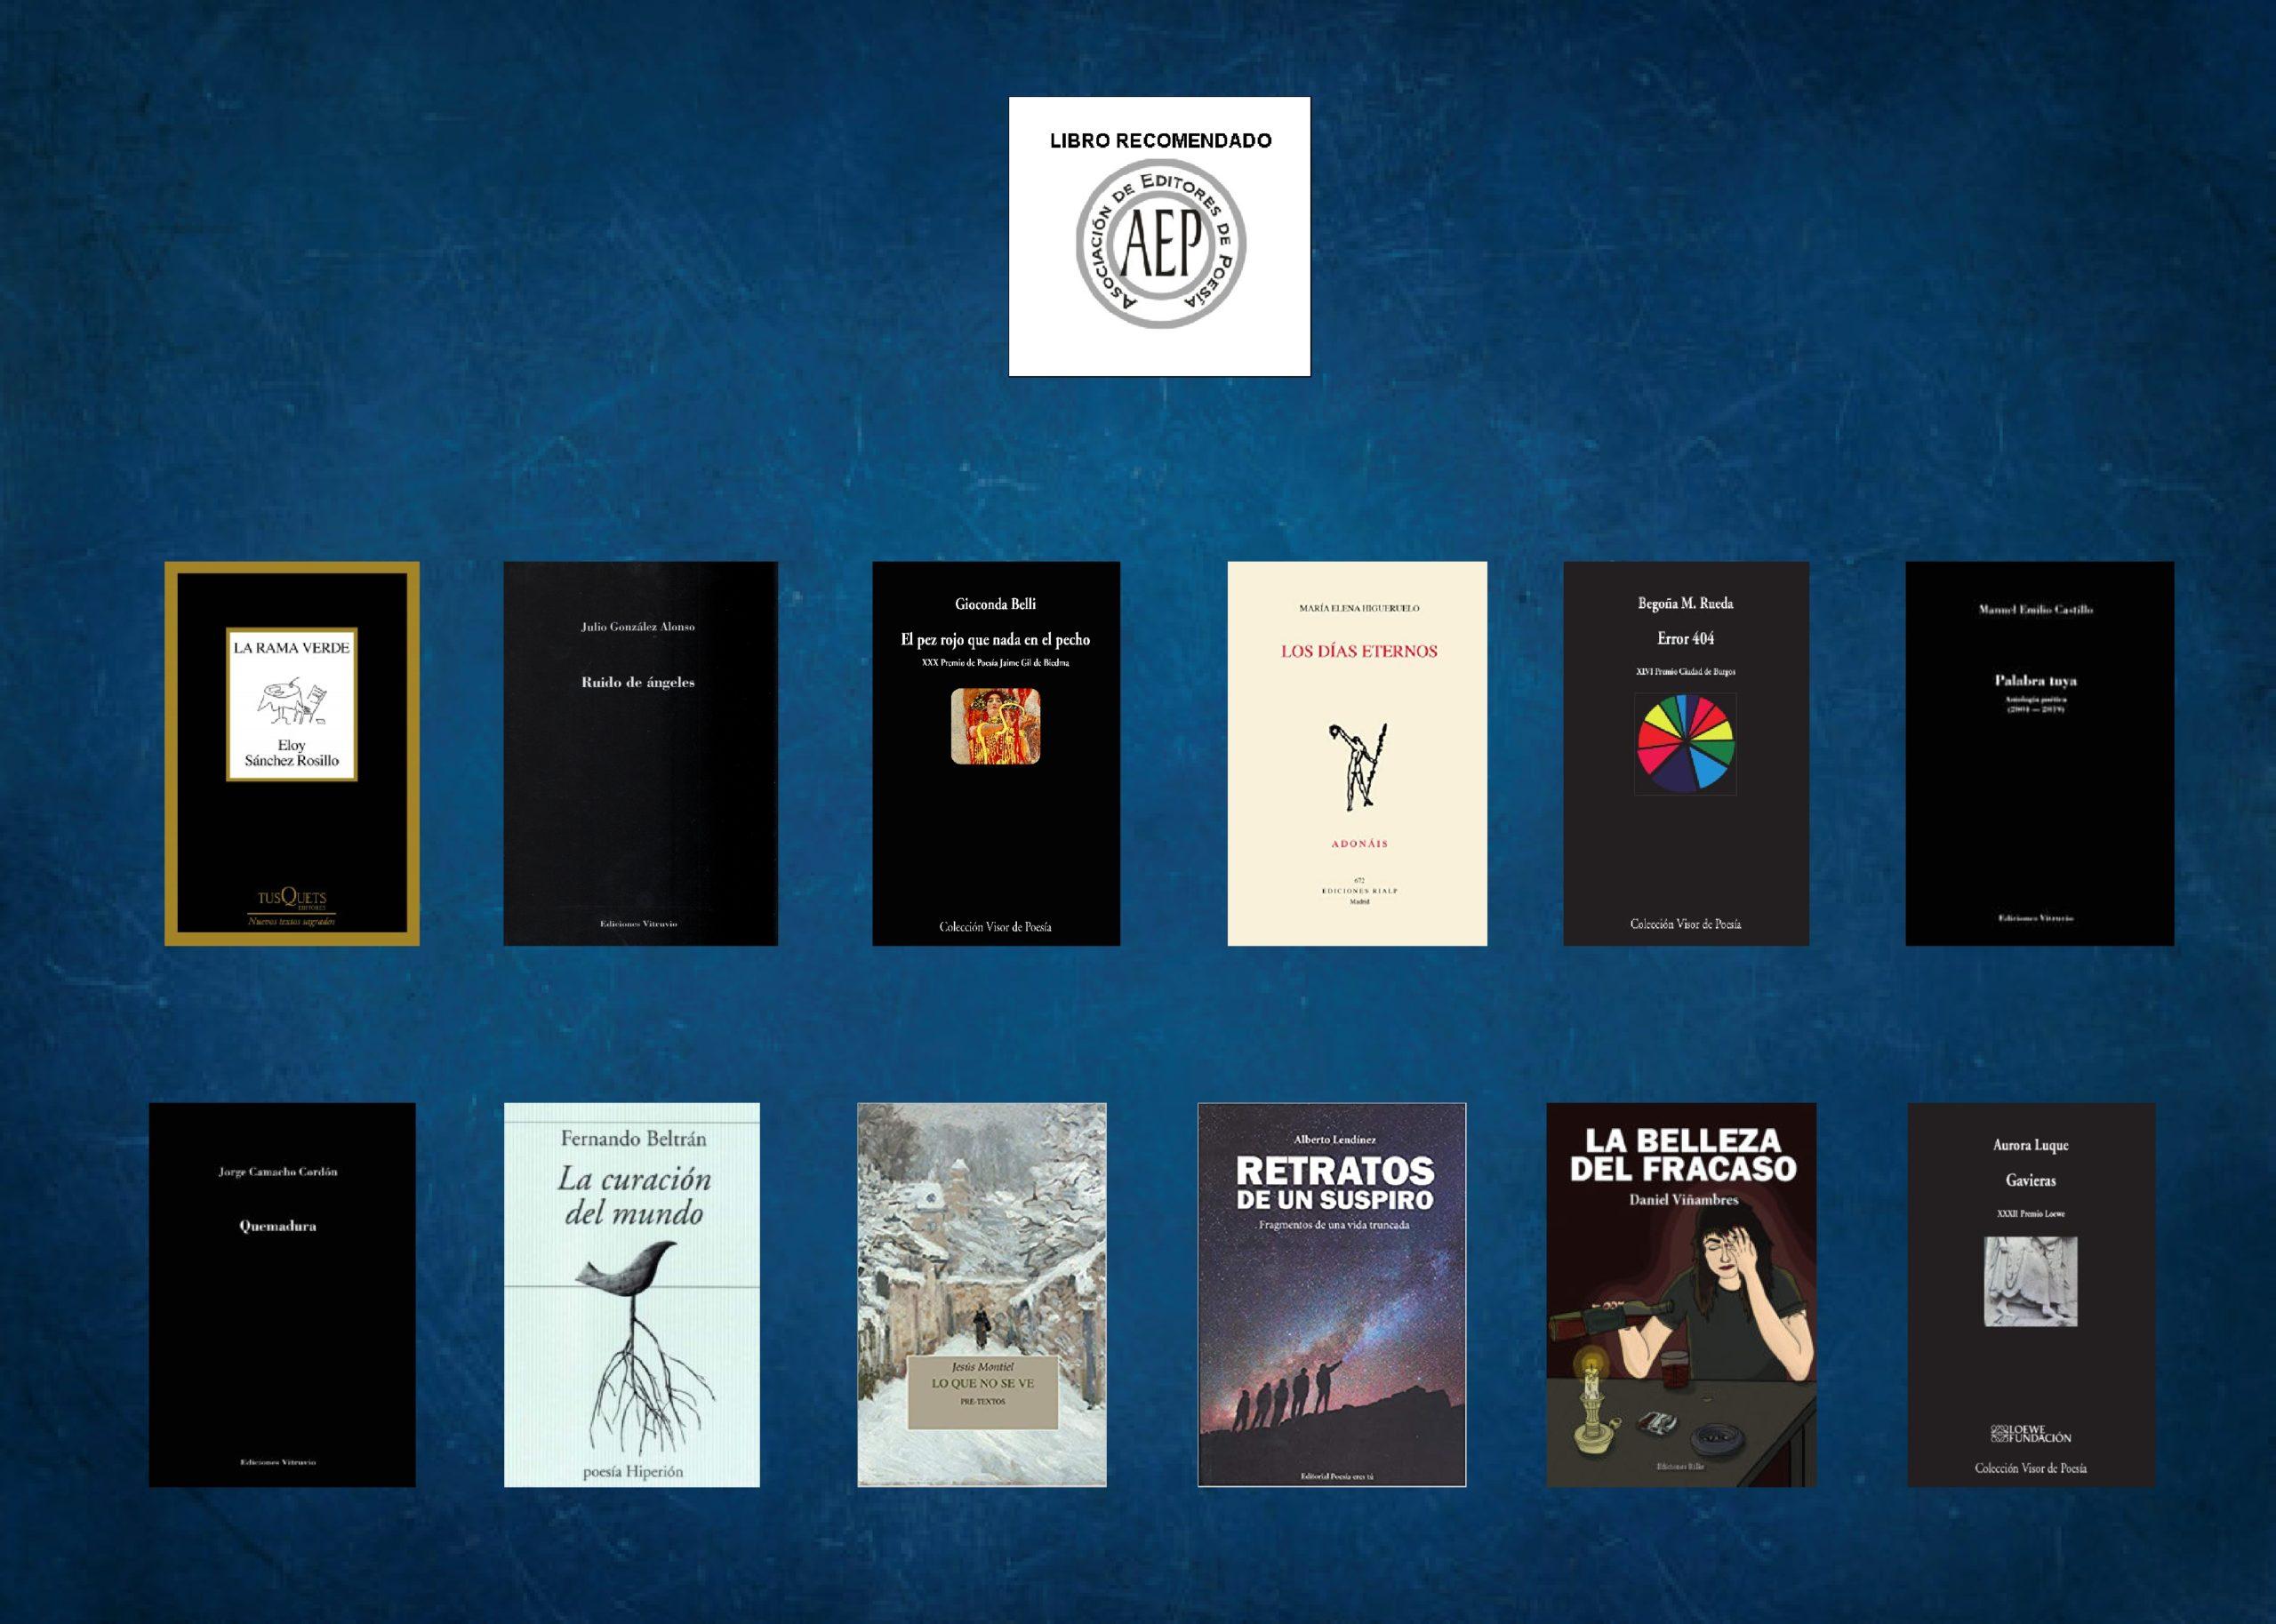 - Librorecomendado2019 scaled - Los 12 mejores libros del año 2020